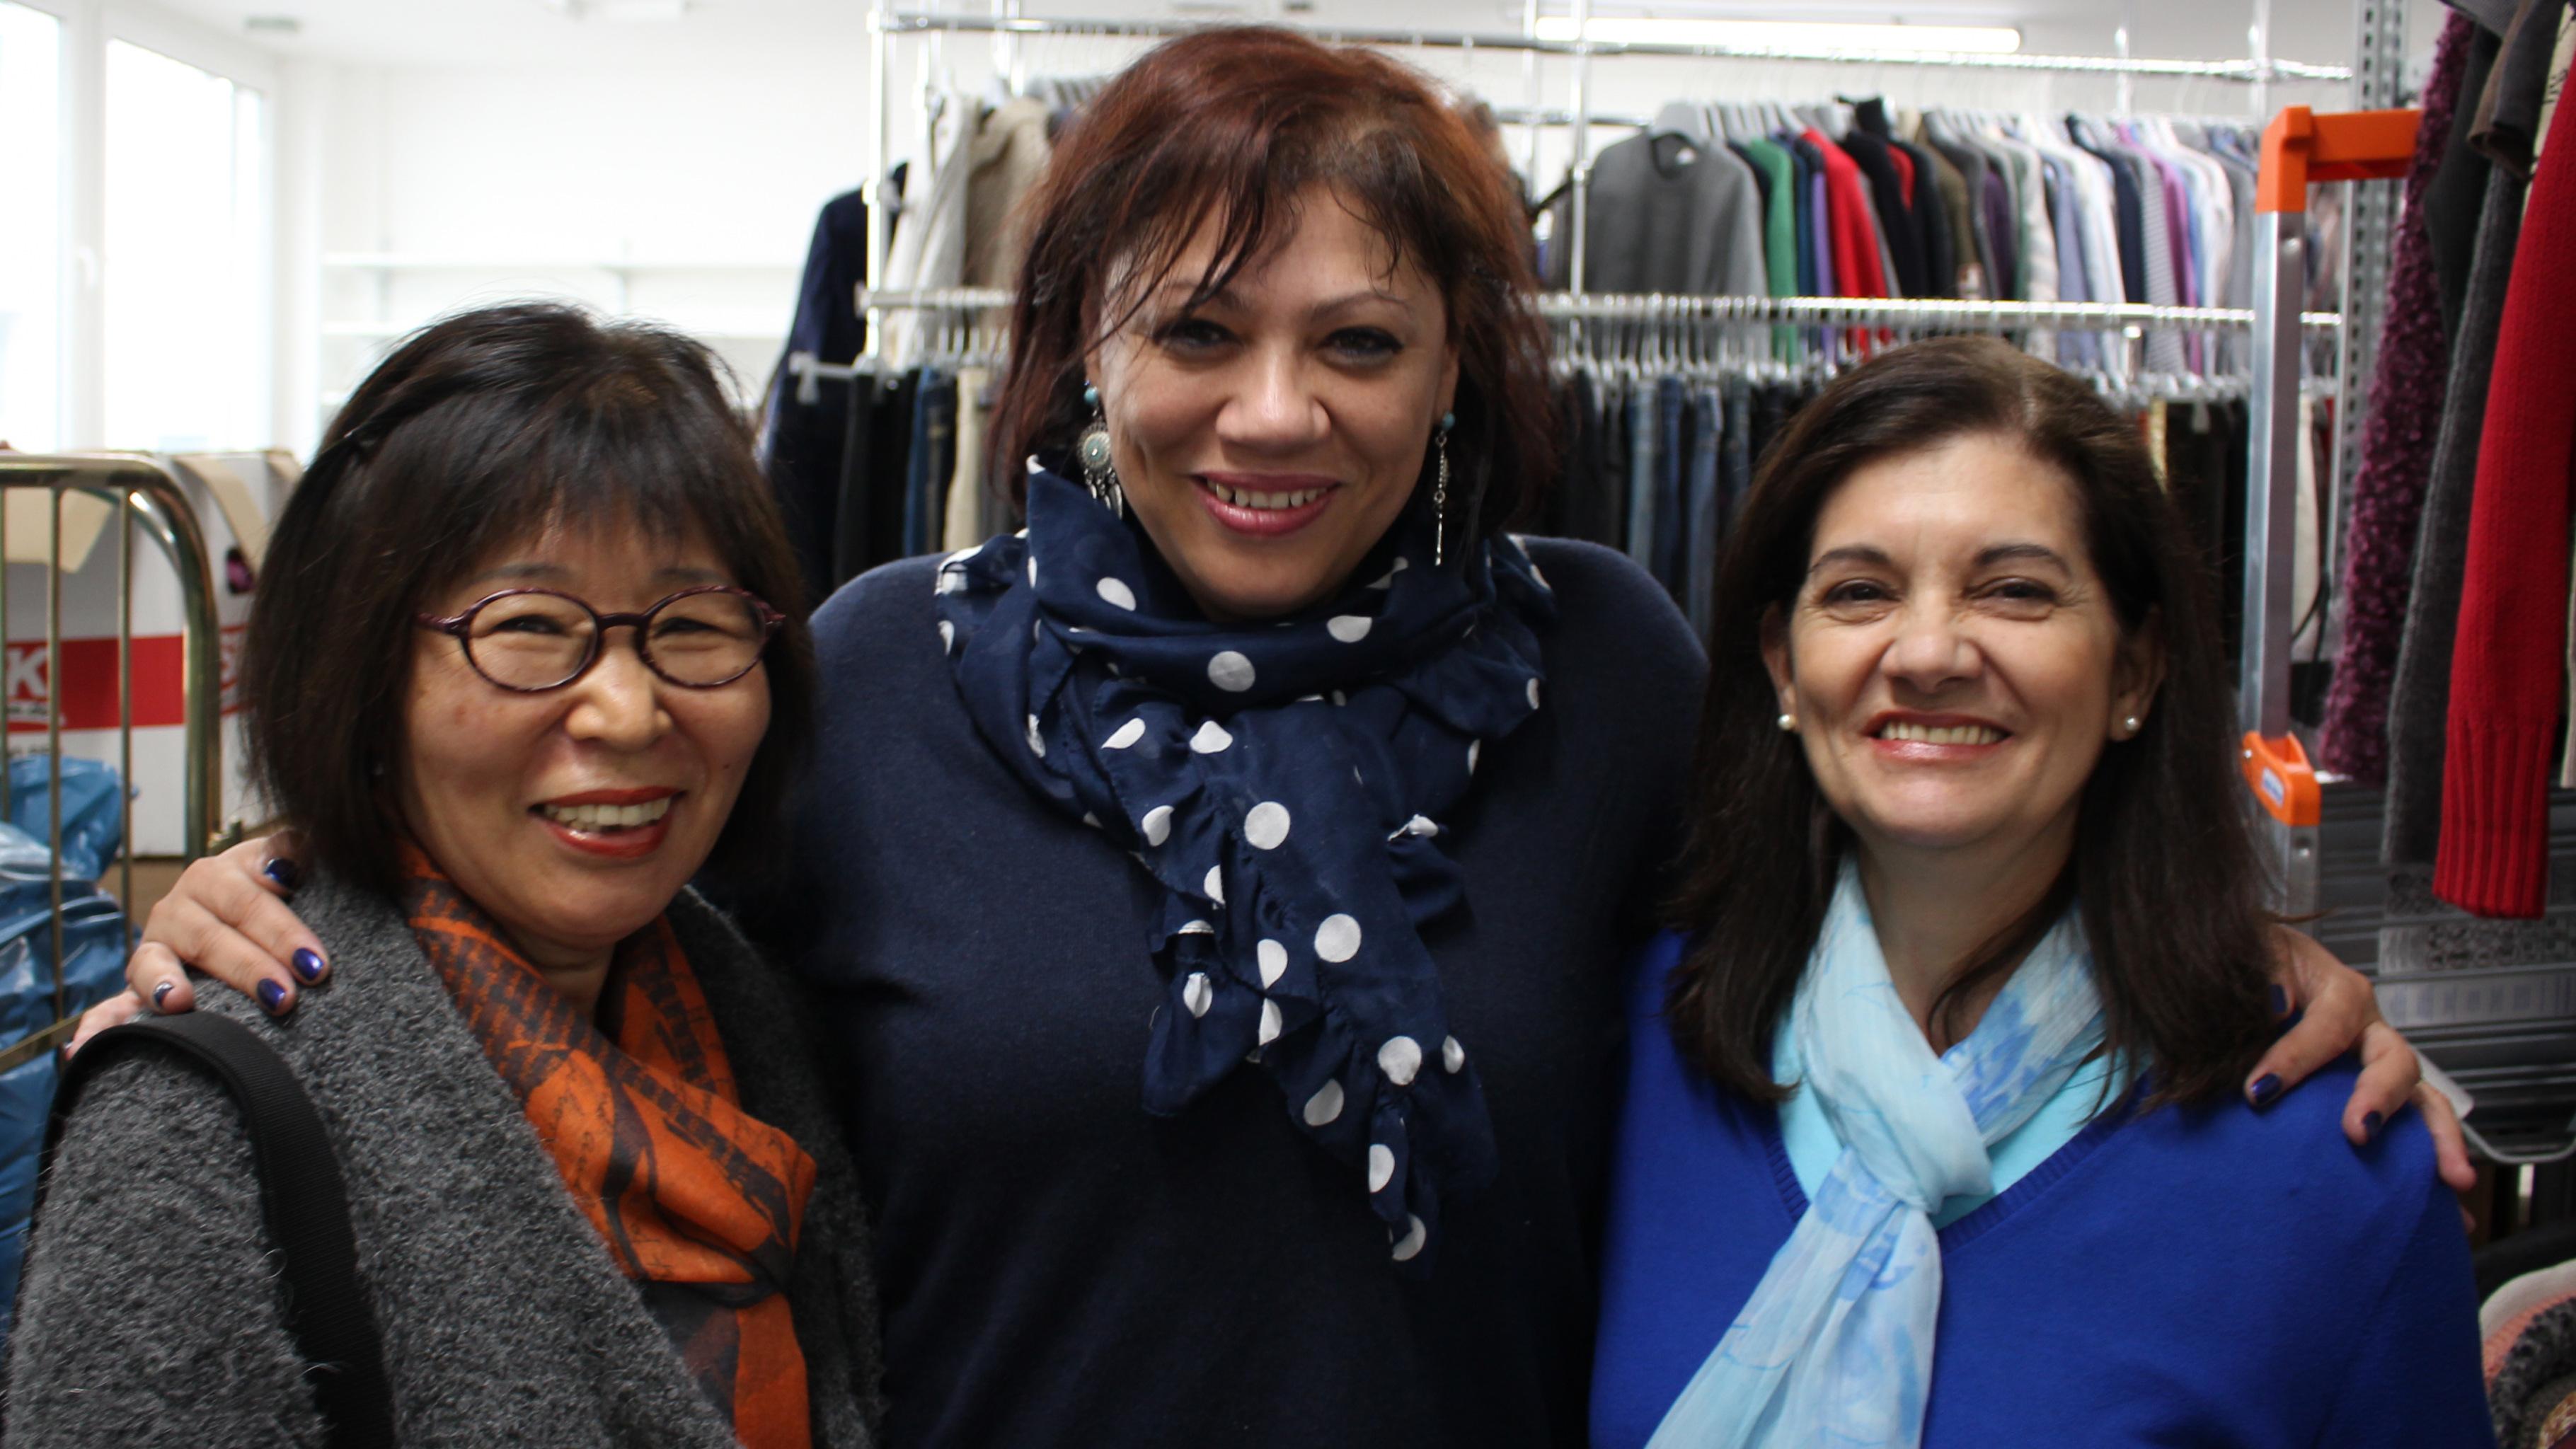 Die Ehrenamtlichen Sung-Nam Kim, Lucille Dill-Browers und Regina Deziderio (v.l.) aus dem Oxfam Shop Essen